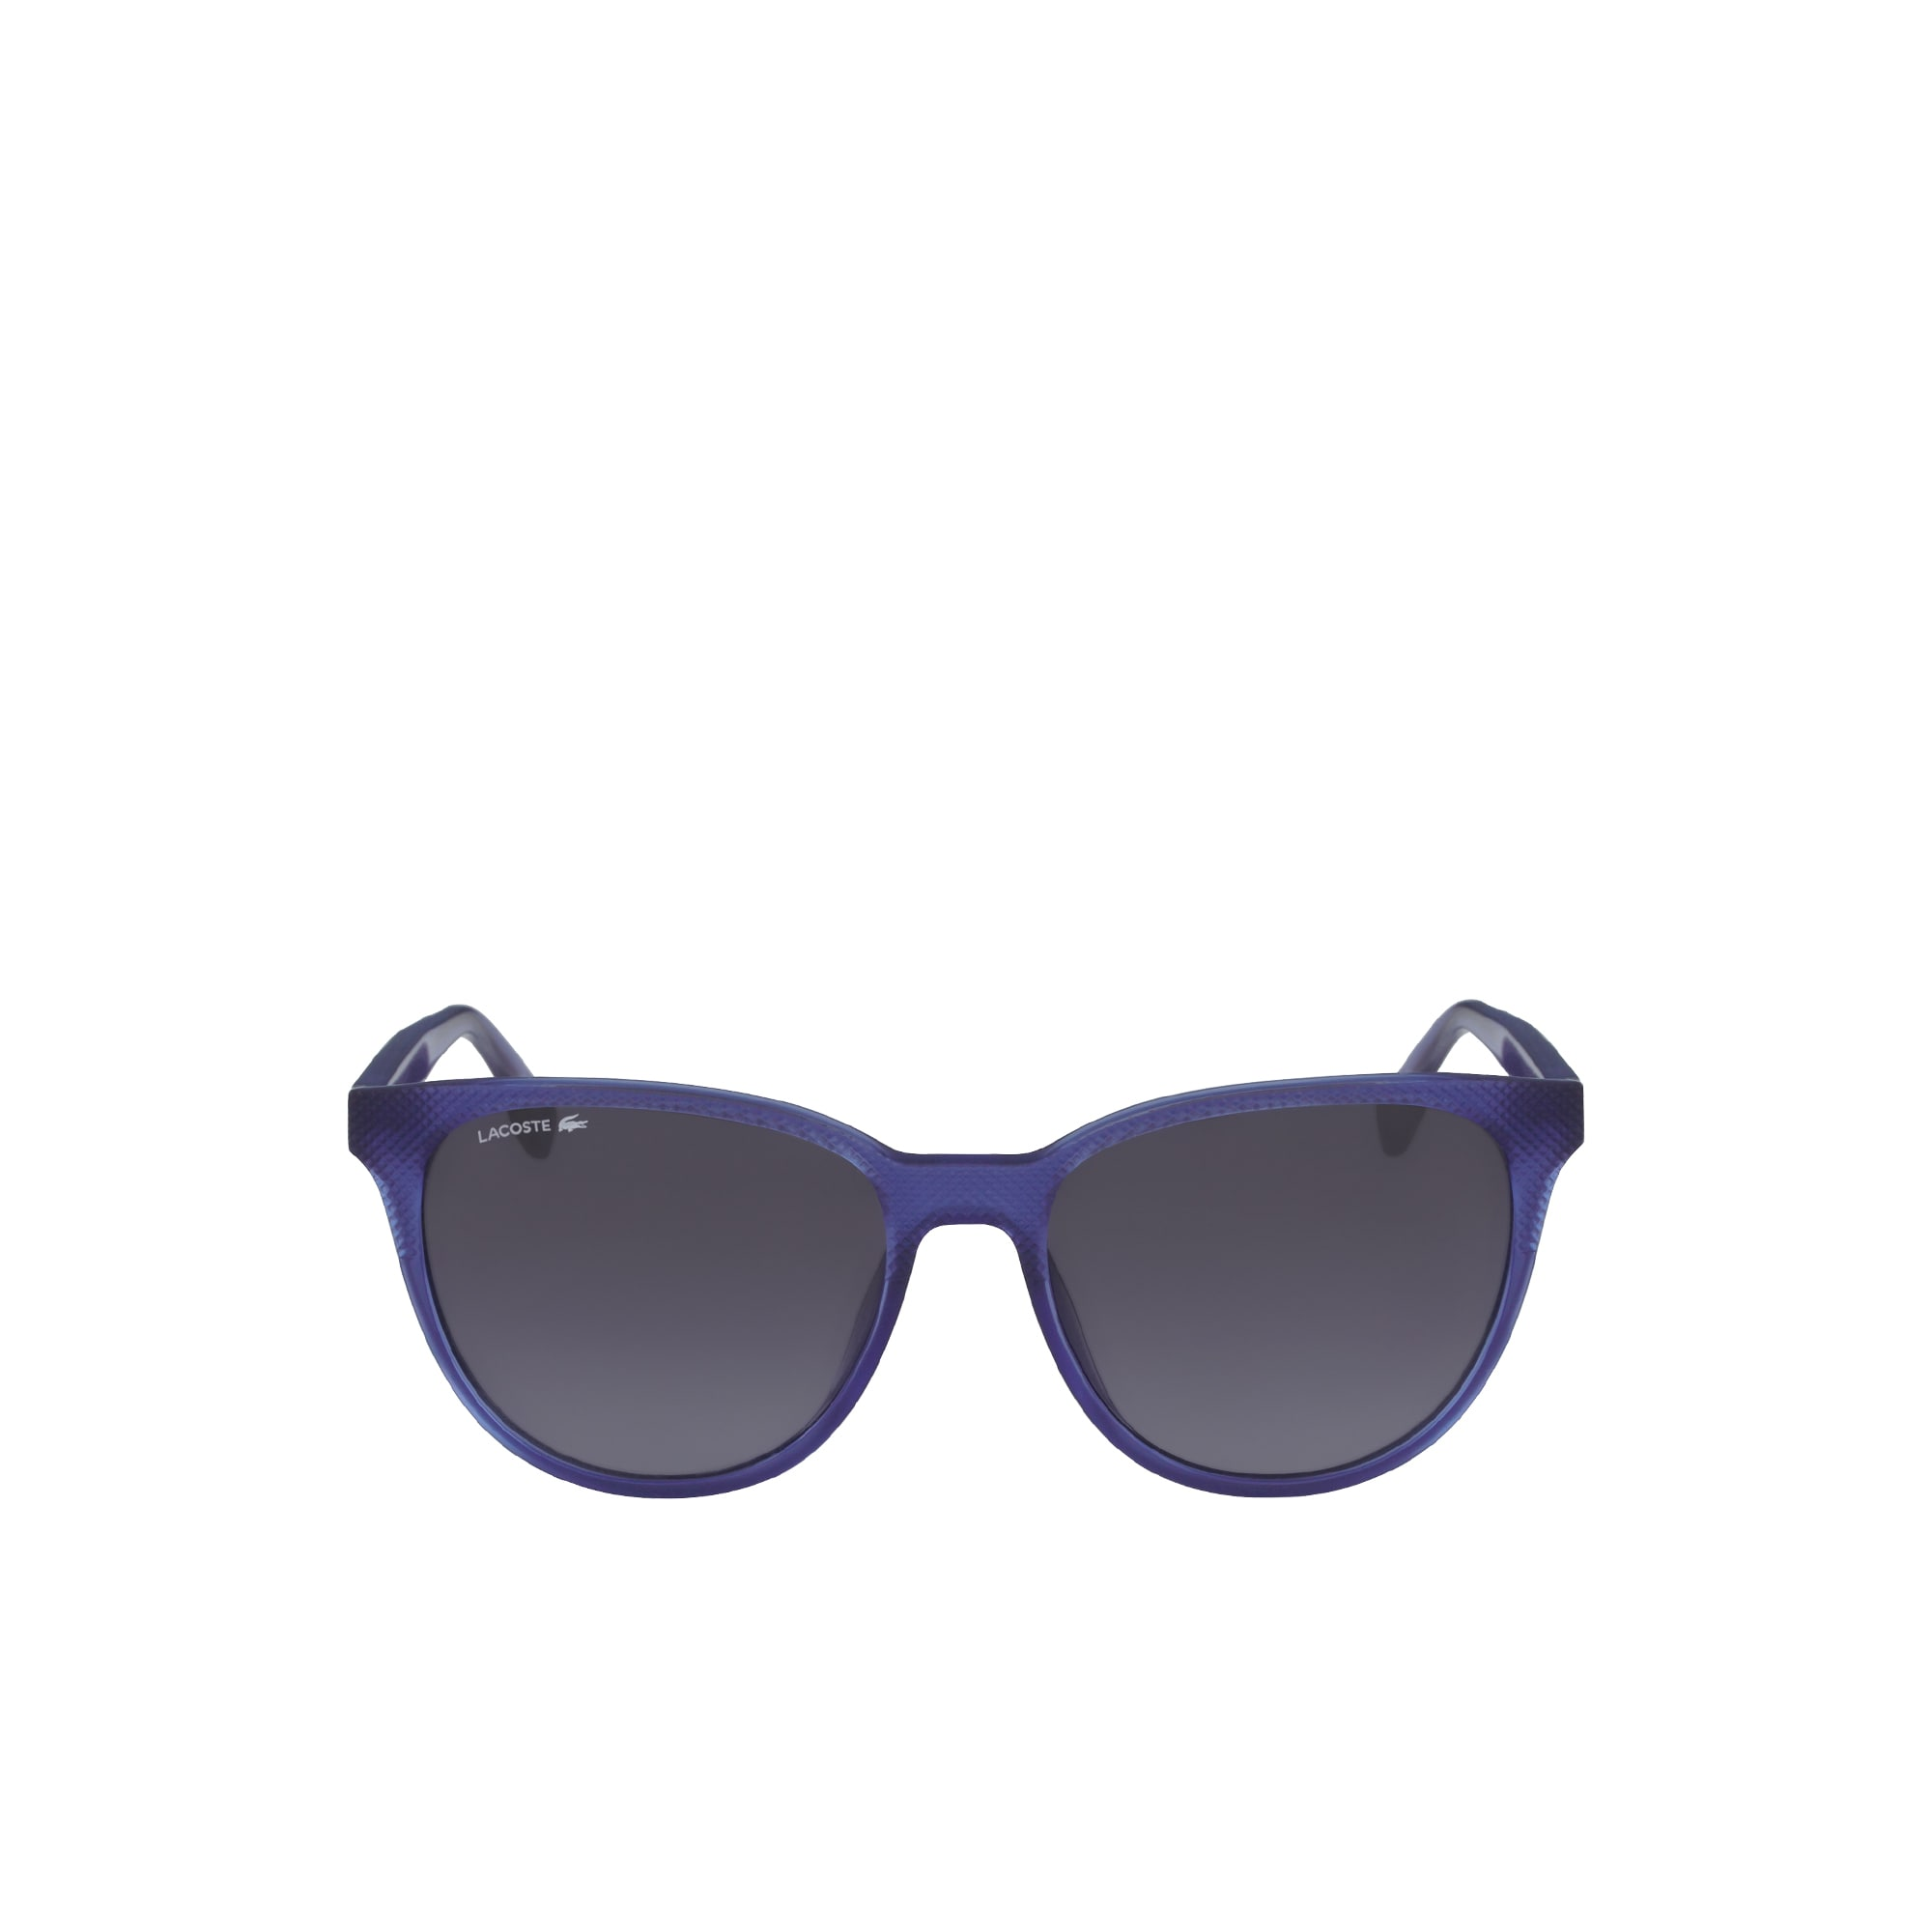 Damen-Sonnenbrille L.12.12